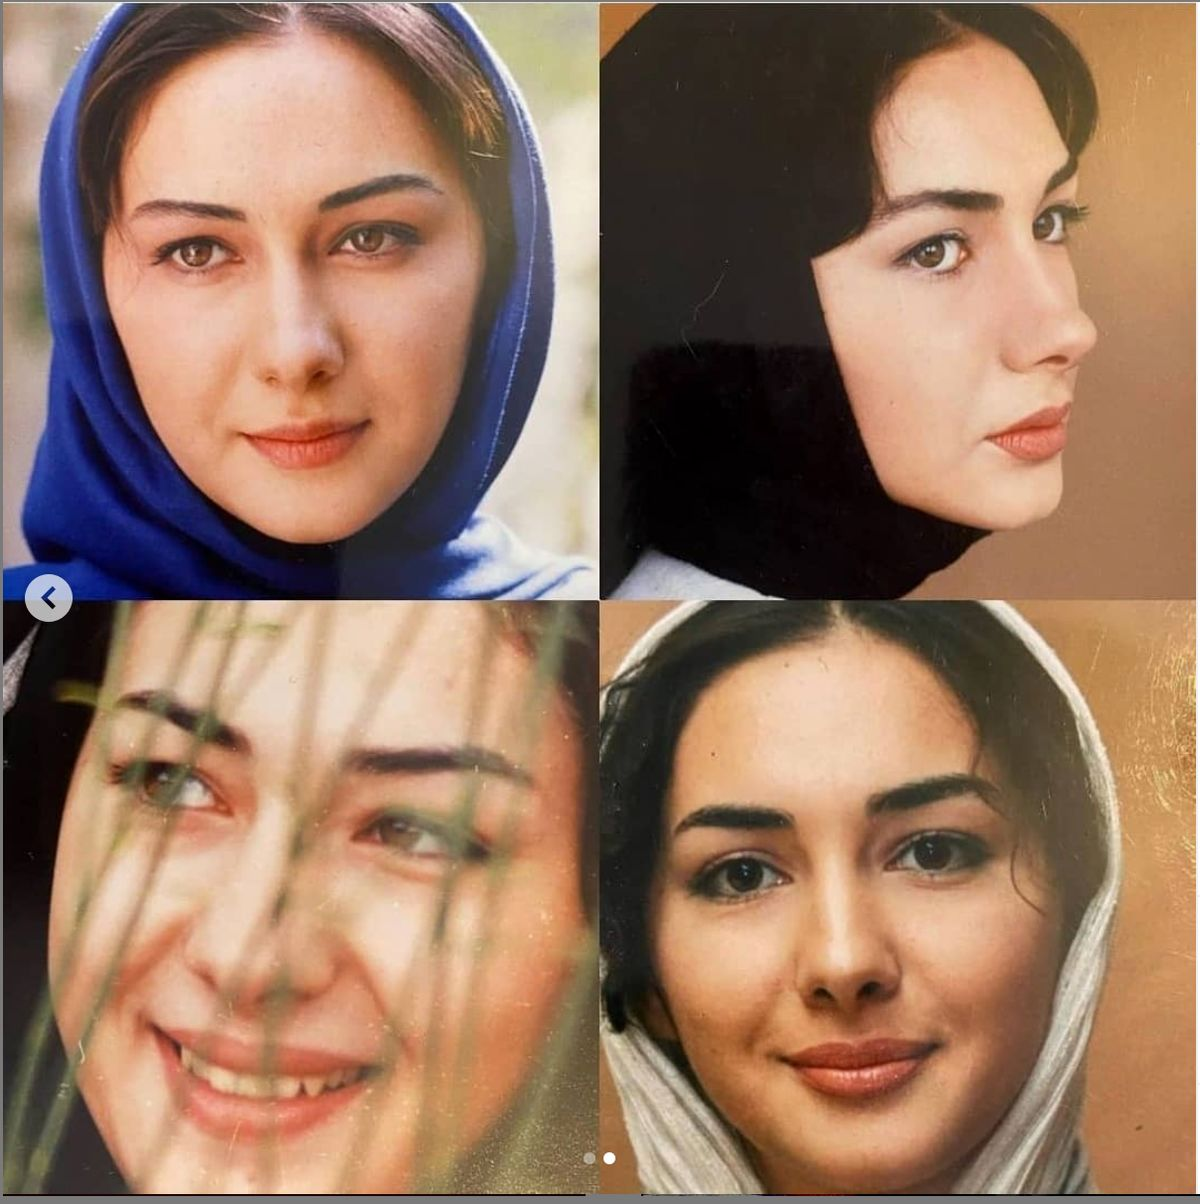 متن کنایه آمیز هانیه توسلی در حمایت از قربانیان تجاوز